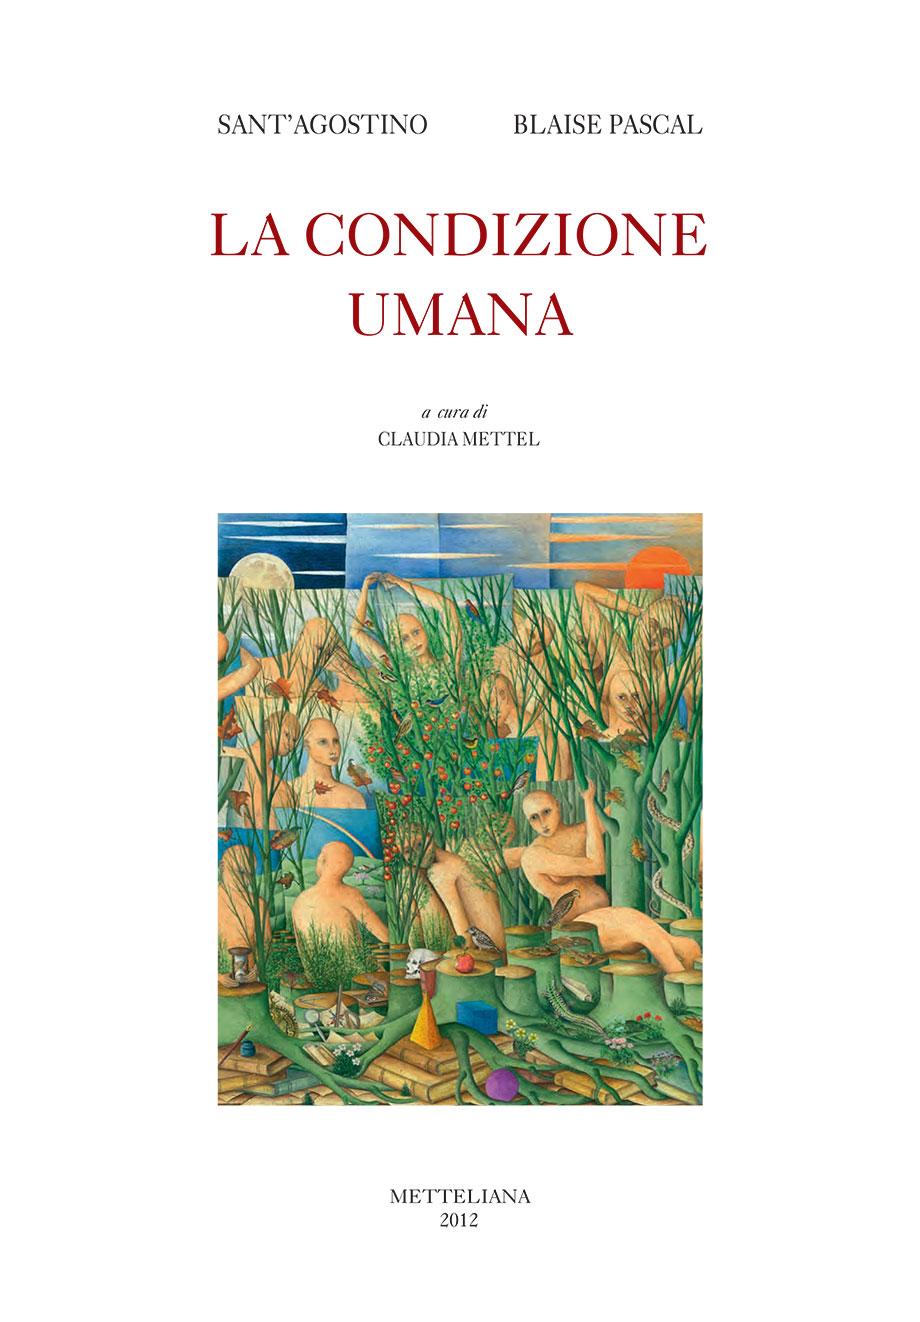 La condizione umana associazione mendrisio mario luzi poesia del mondo - La finestra del mondo poesia ...